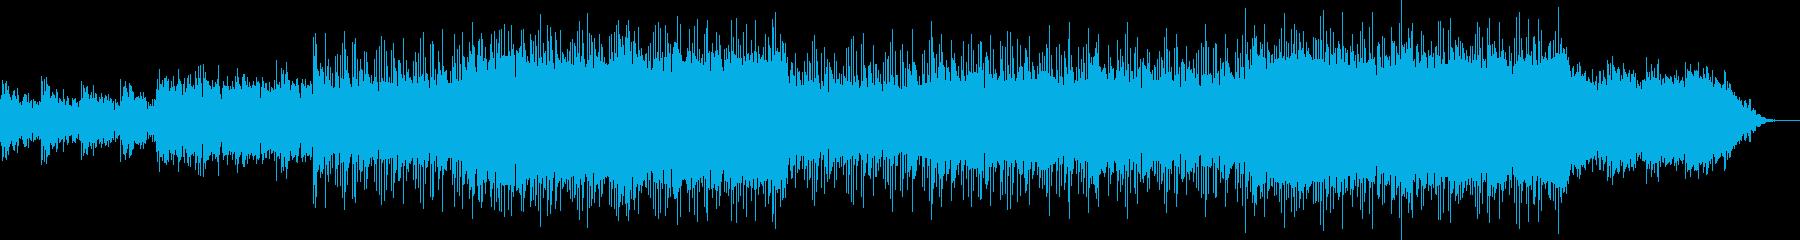 パワフルドラムのシンセロックの再生済みの波形